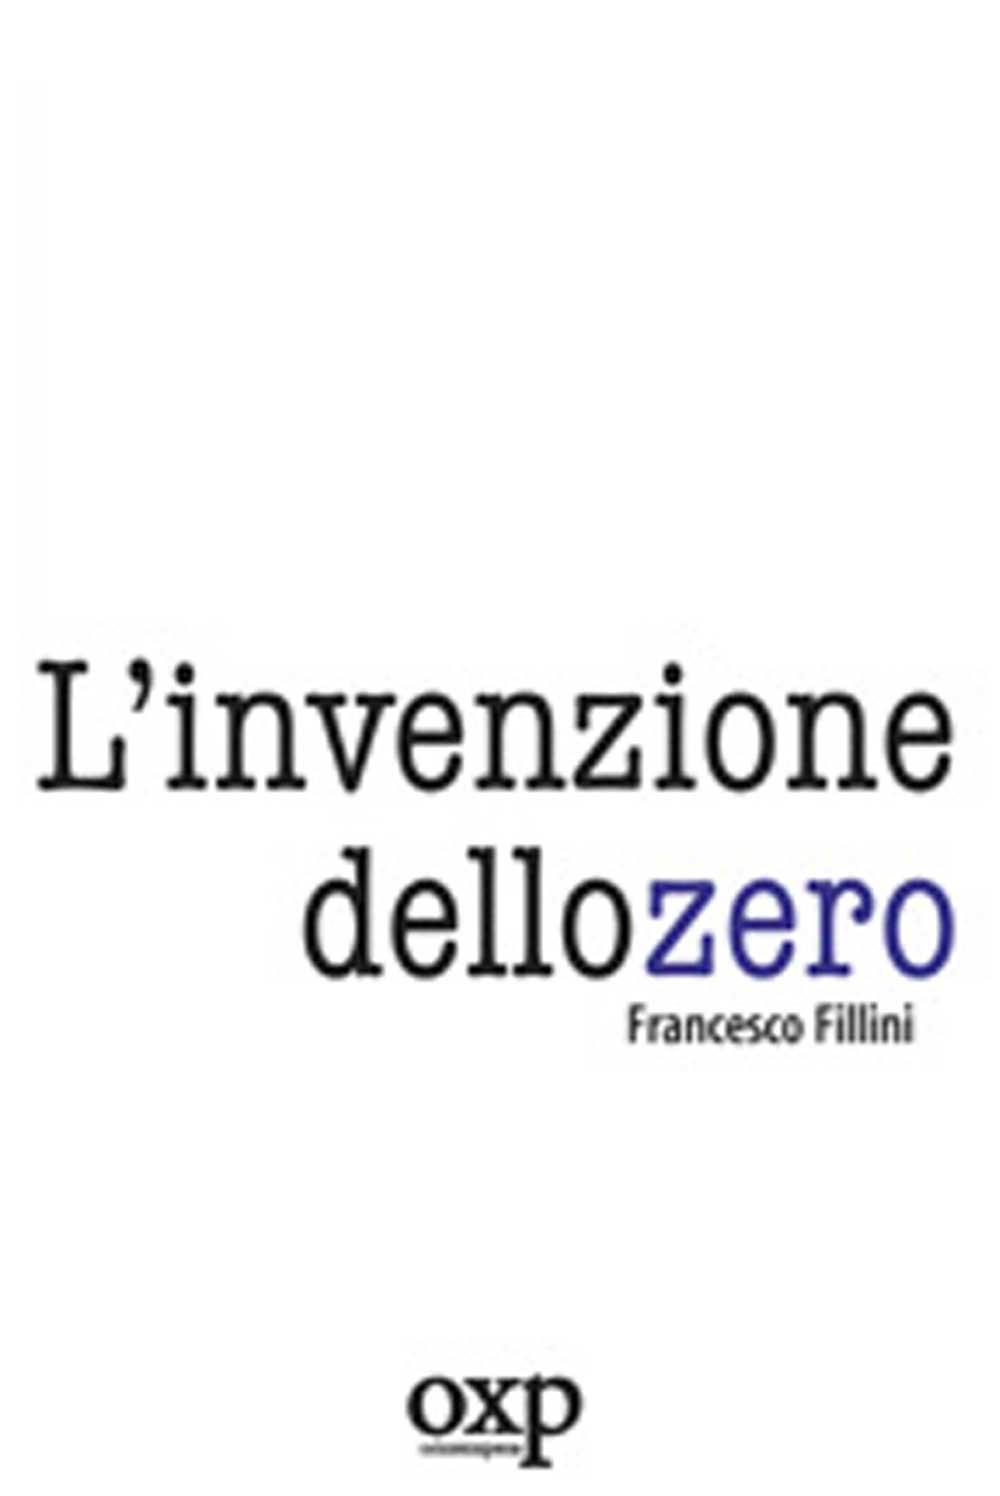 L'invenzione dello zero, di FrancescoFillini (Gli Scacchi, 2006)